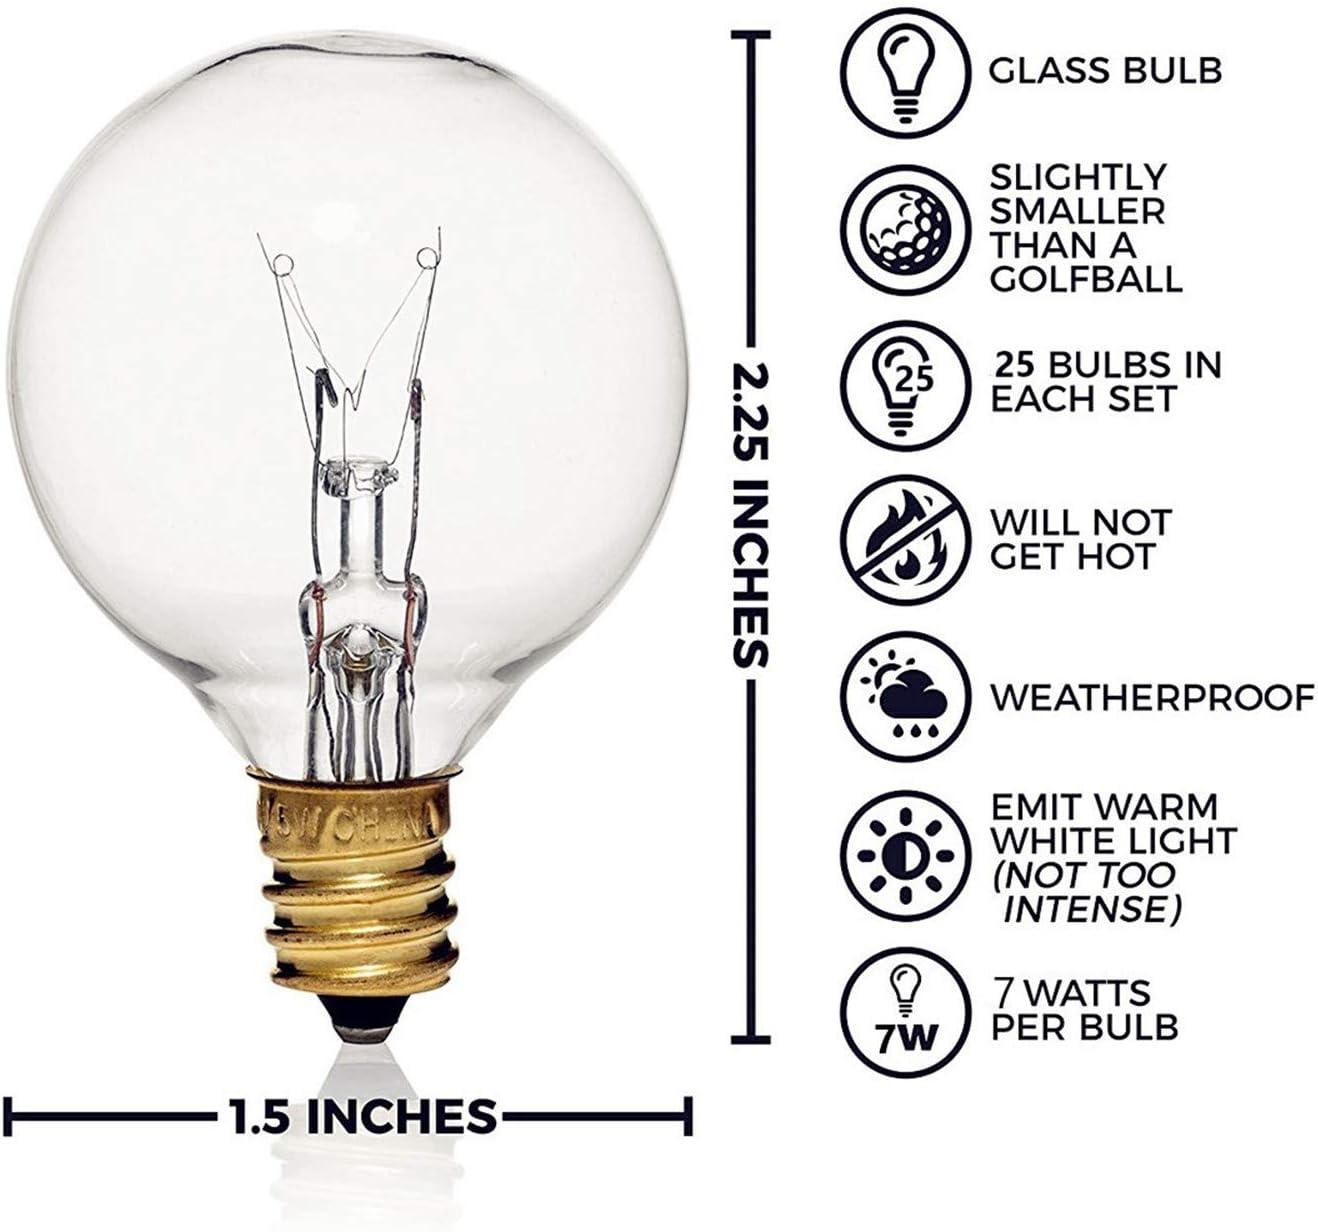 confezione sicura e comoda lampadine in vetro trasparente G40 Confezione da 25 lampadine di ricambio G40: 7 Watt G40 globo per luci a filo adatto per prese E12 e C7 uso interno ed esterno attacco a vite per candelabro